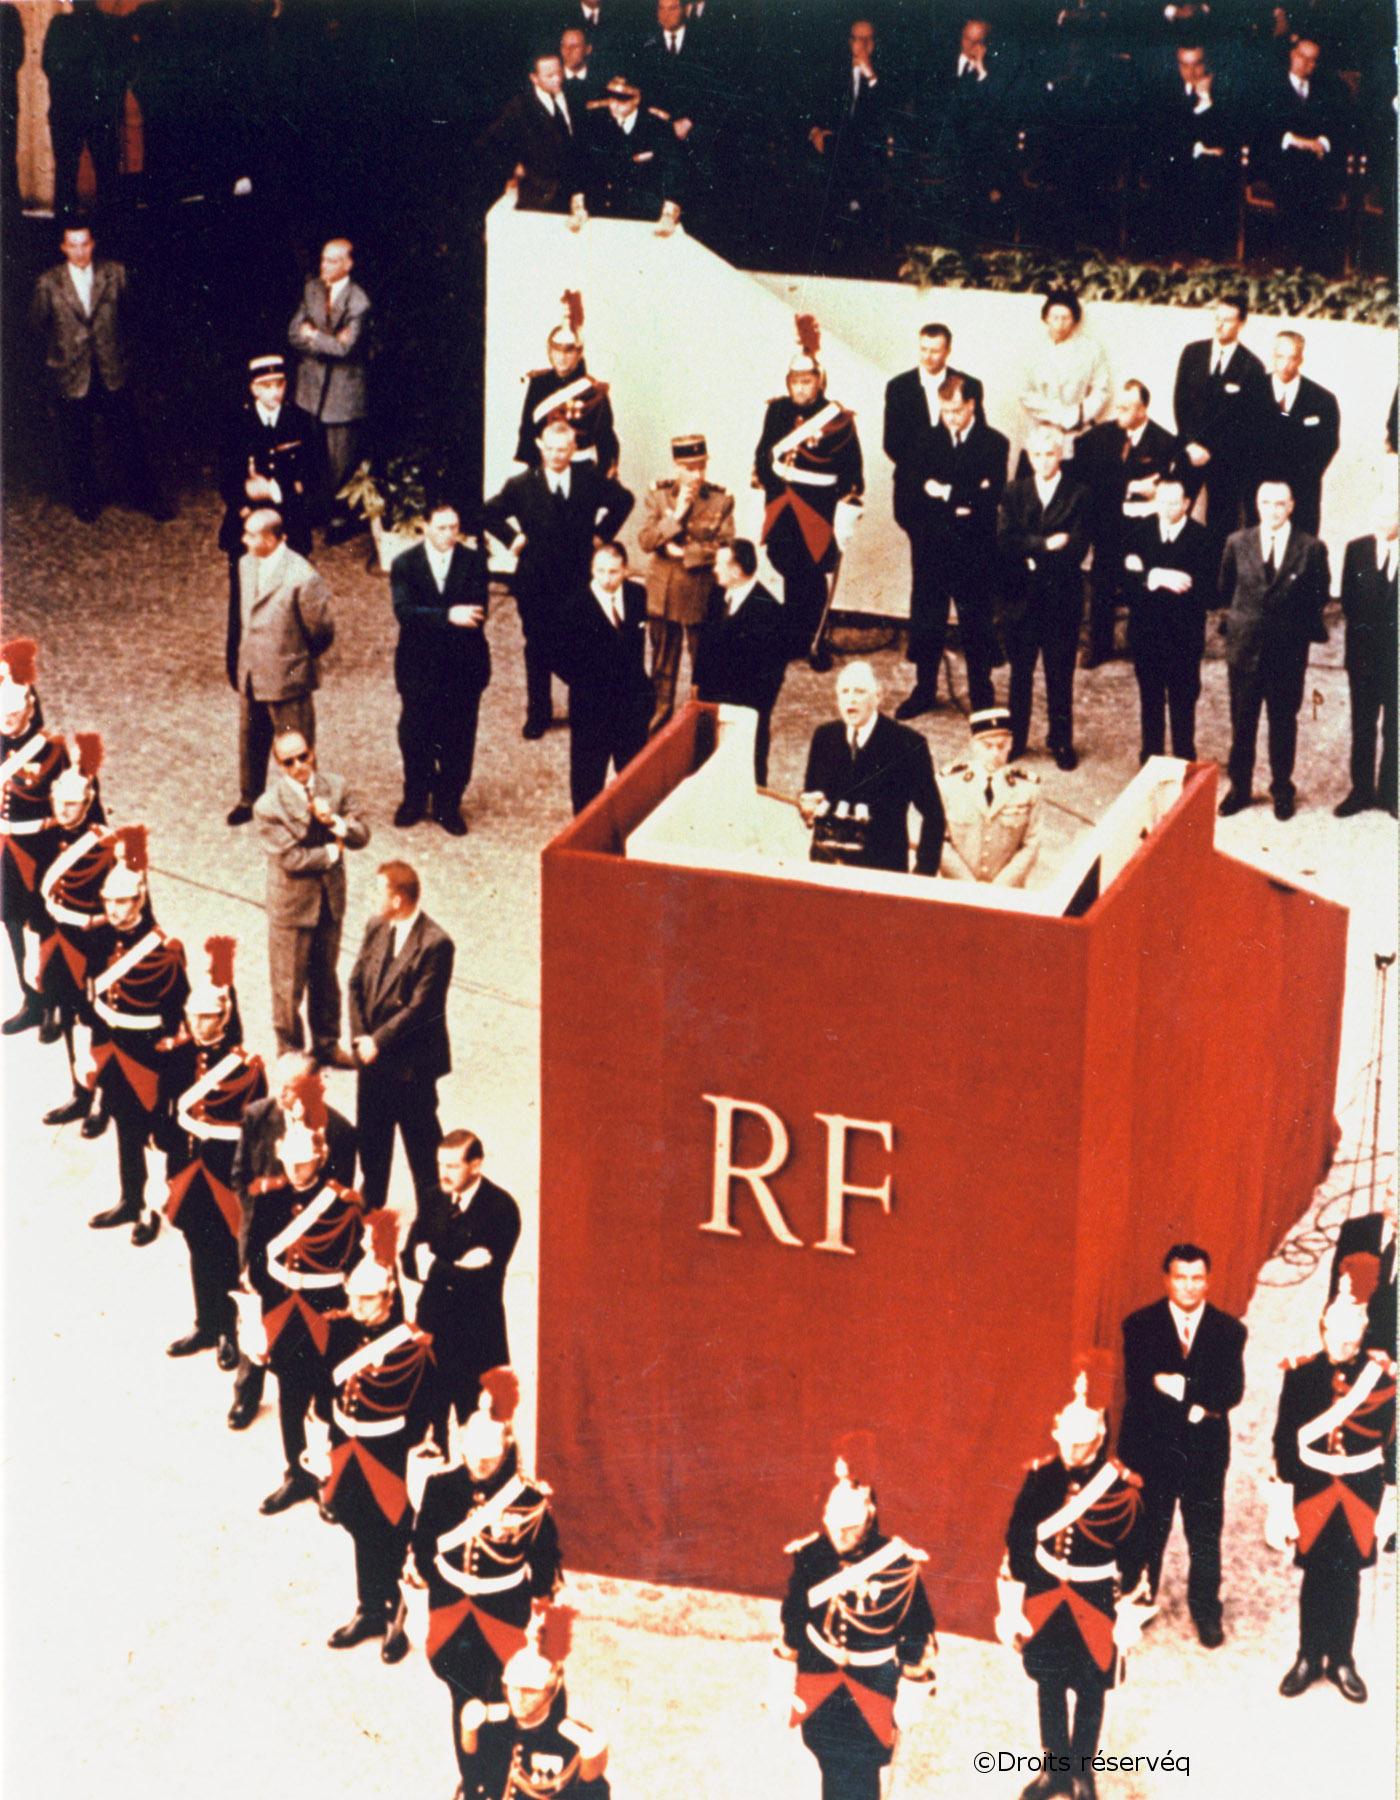 04/09/1958 : Présentation de la nouvelle Constitution place de la République